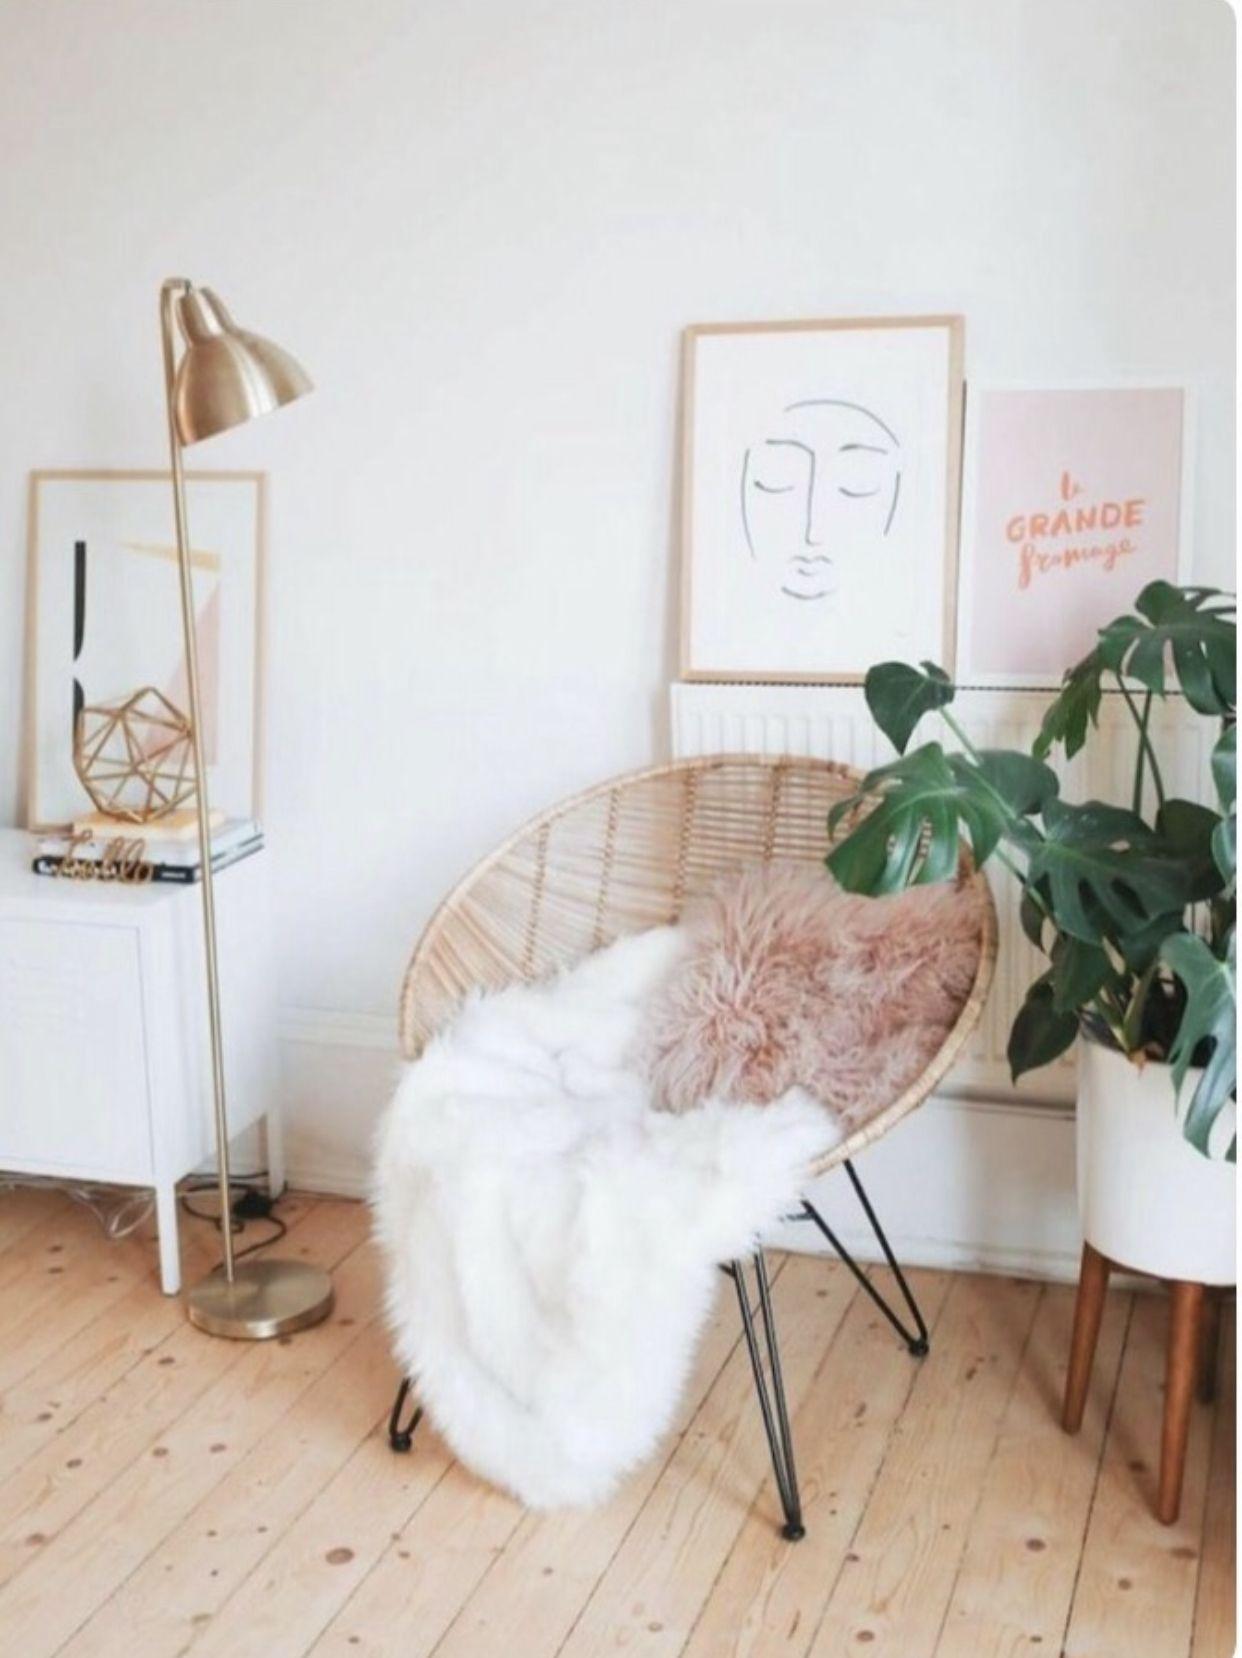 pin by on bedroom ideas in 2019 pinterest rh pinterest com